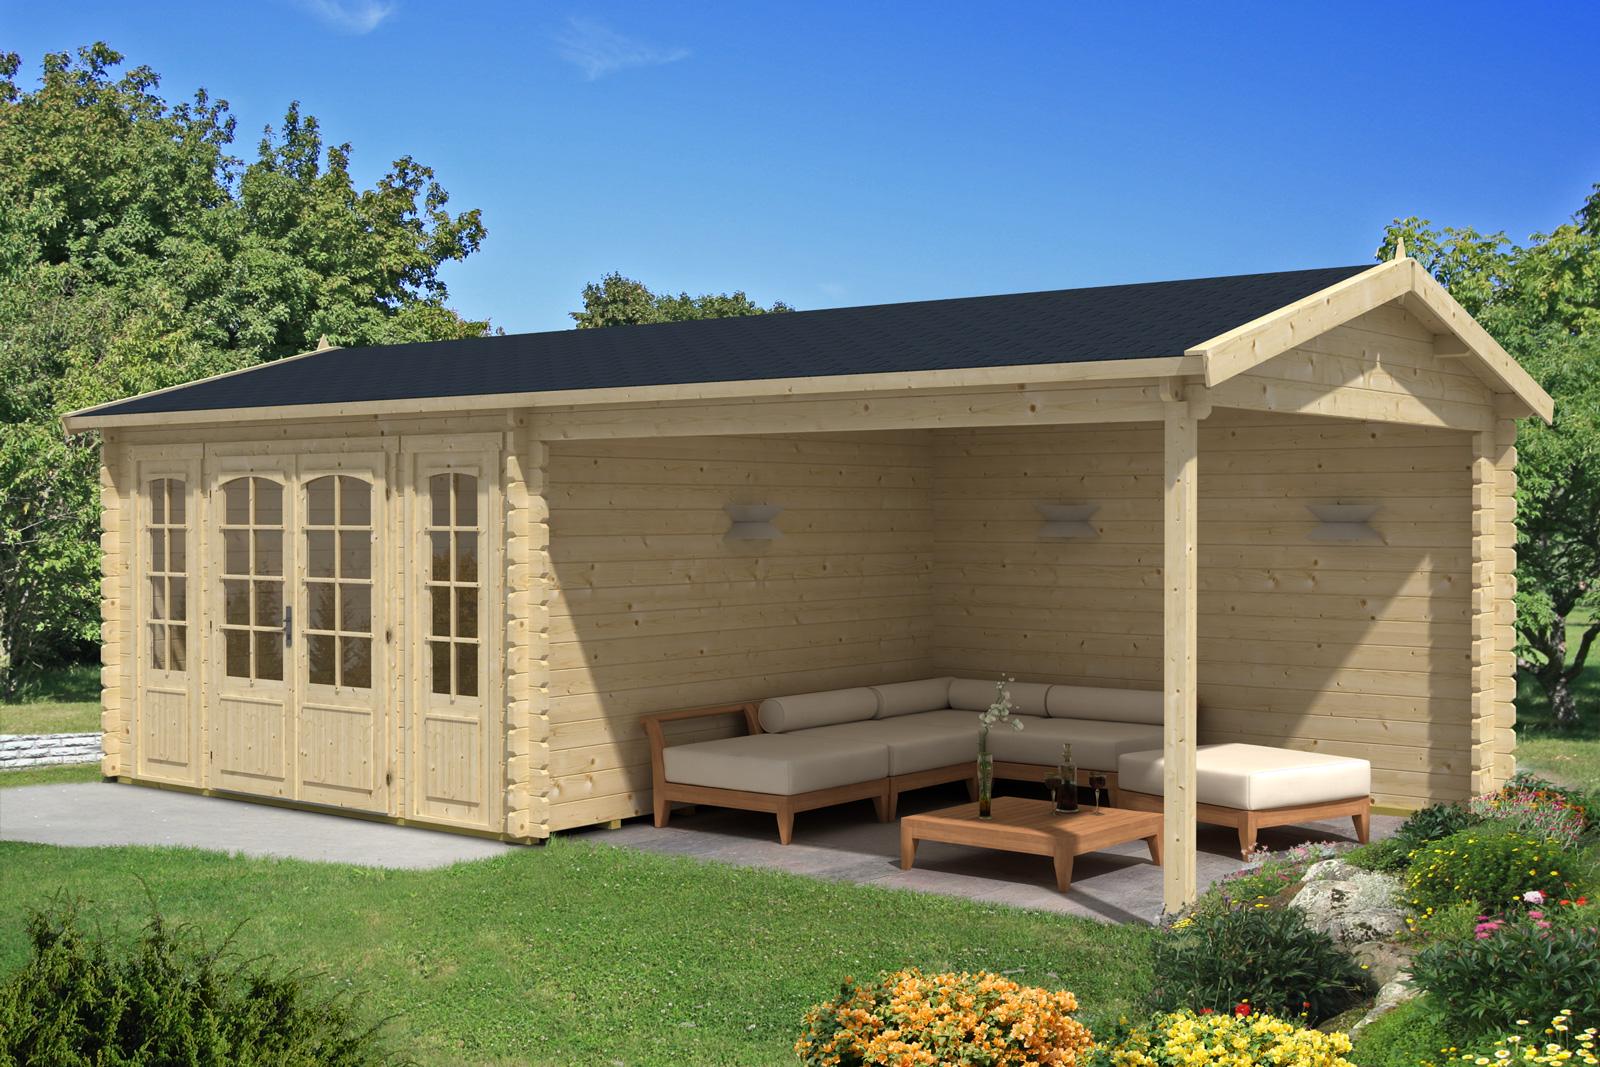 gartenhaus freiburg 44 iso gartenhaus freiburg 44 iso. Black Bedroom Furniture Sets. Home Design Ideas